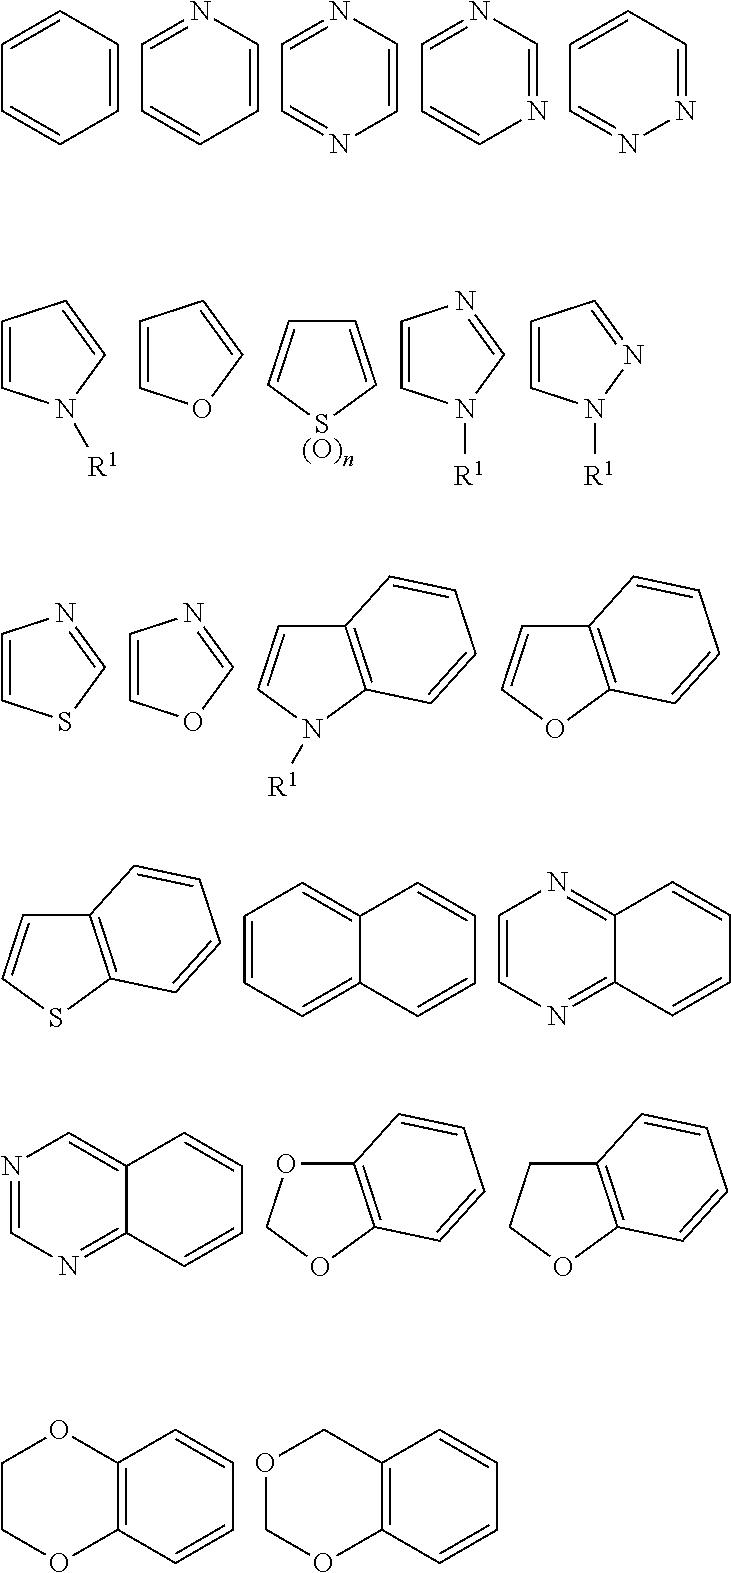 Figure US20110053905A1-20110303-C00006